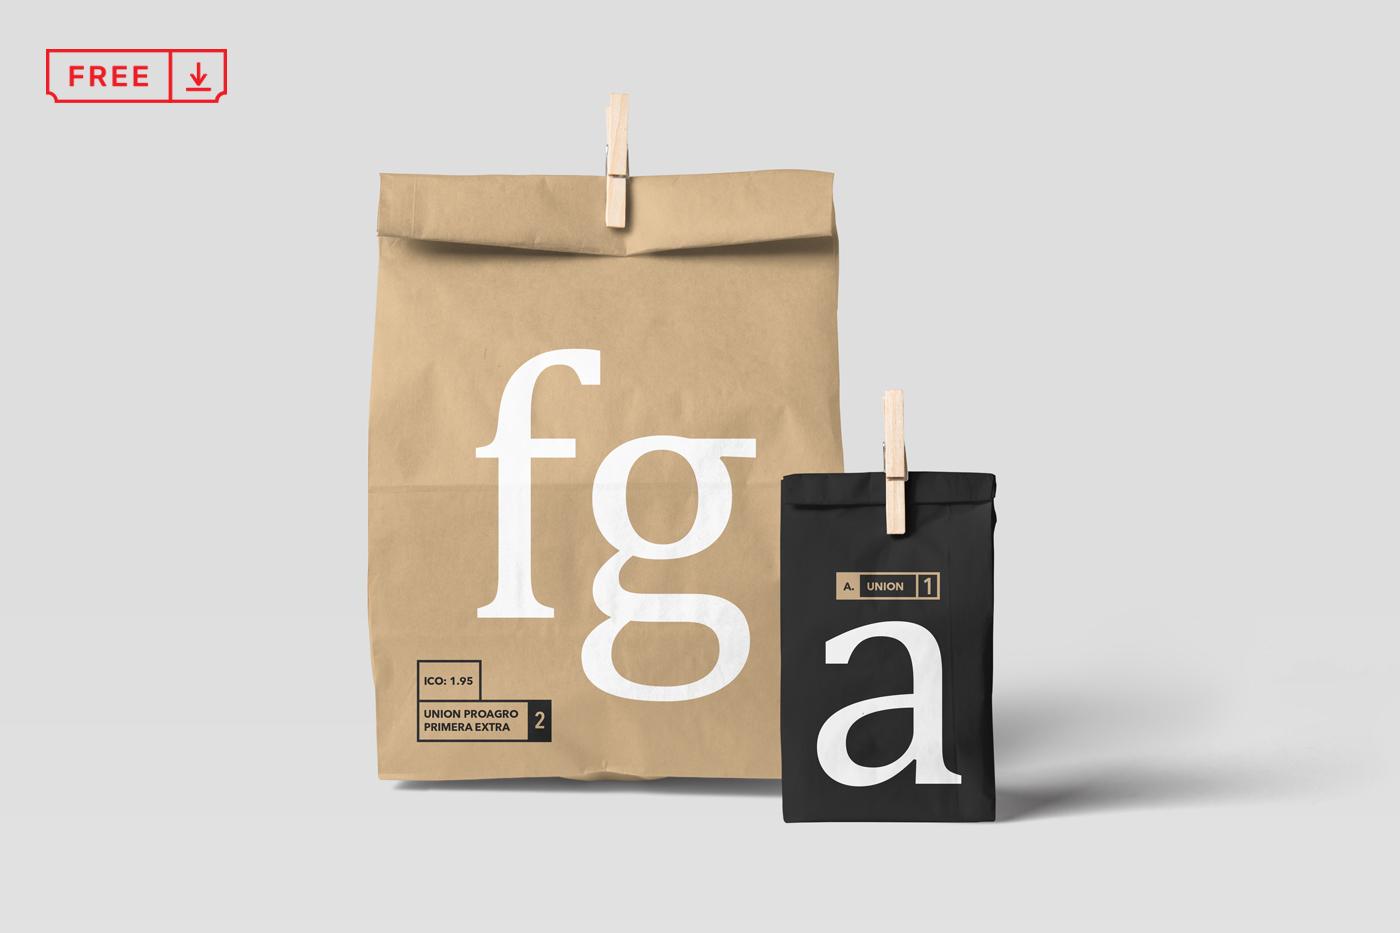 高質感的39個紙袋包裝欣賞